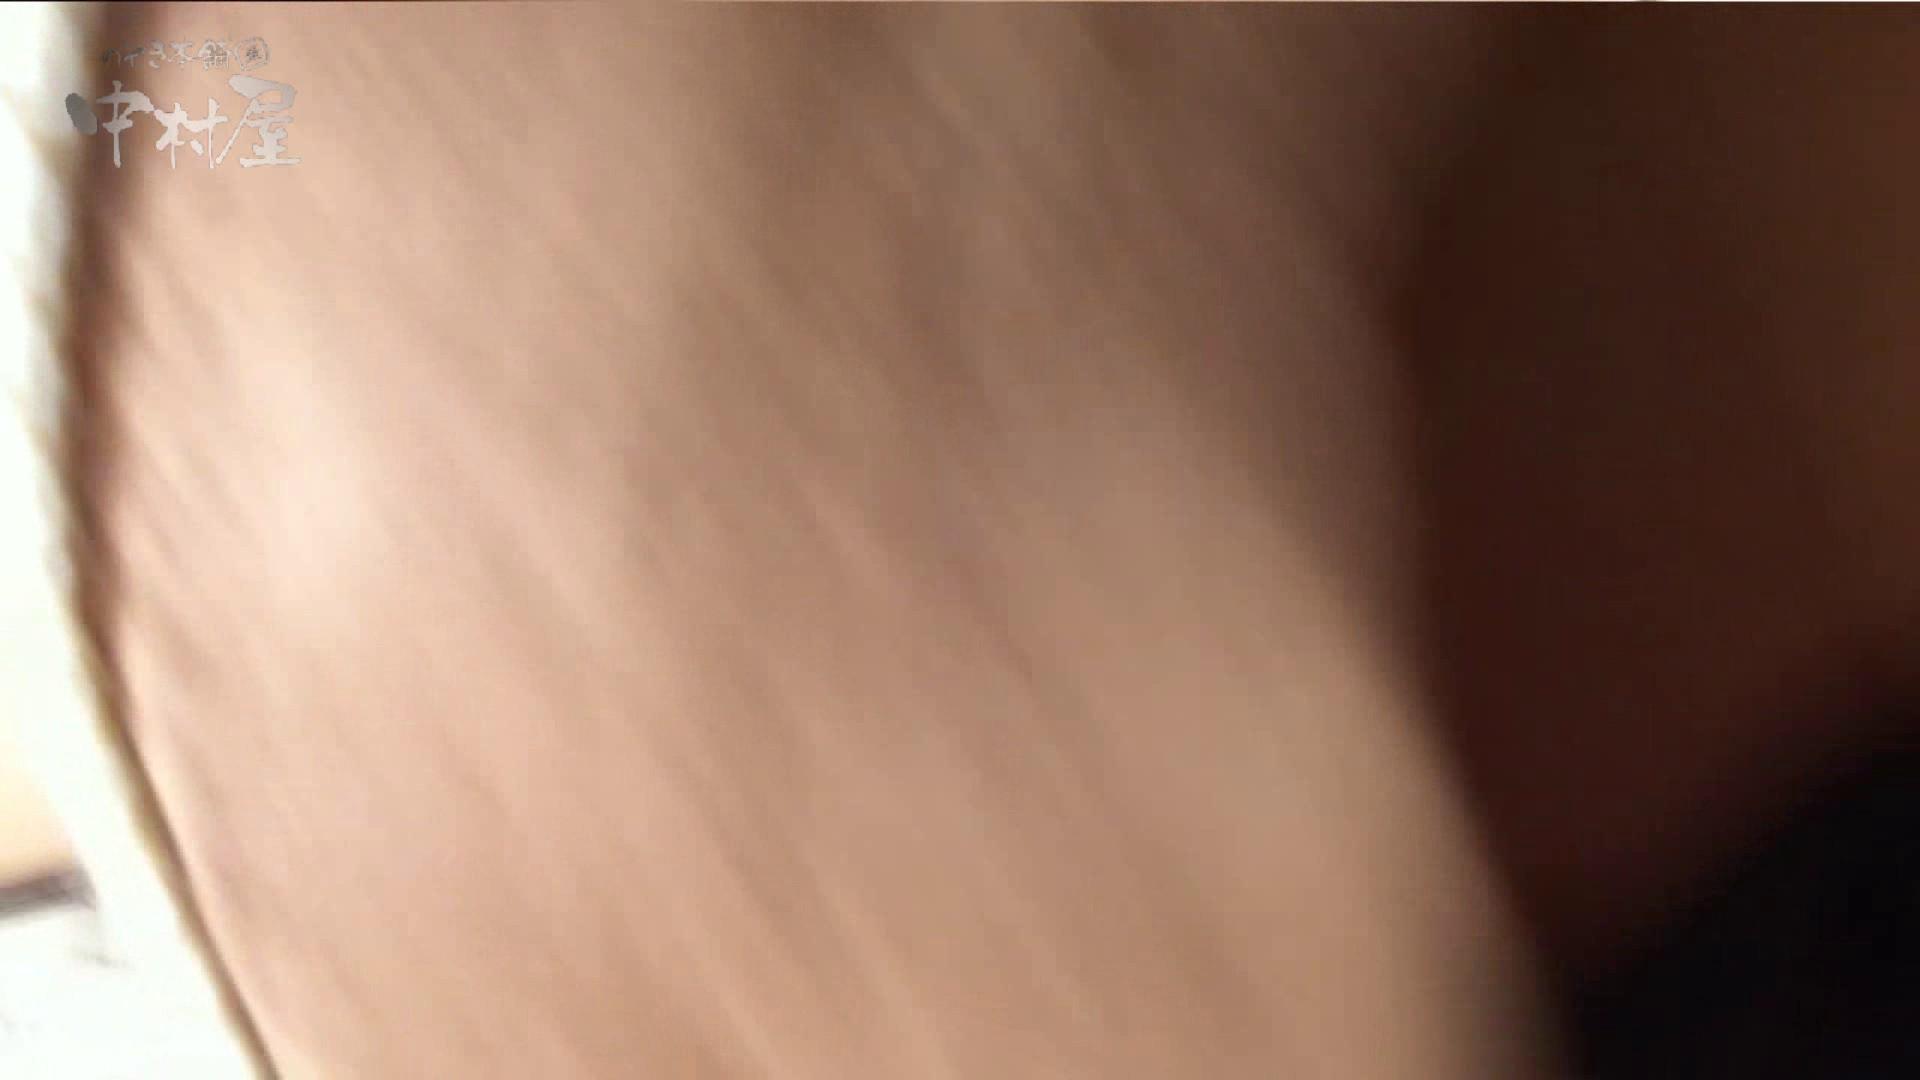 vol.73 美人アパレル胸チラ&パンチラ 目の下のホクロがエッチな店員さん 接写 エロ画像 95連発 28